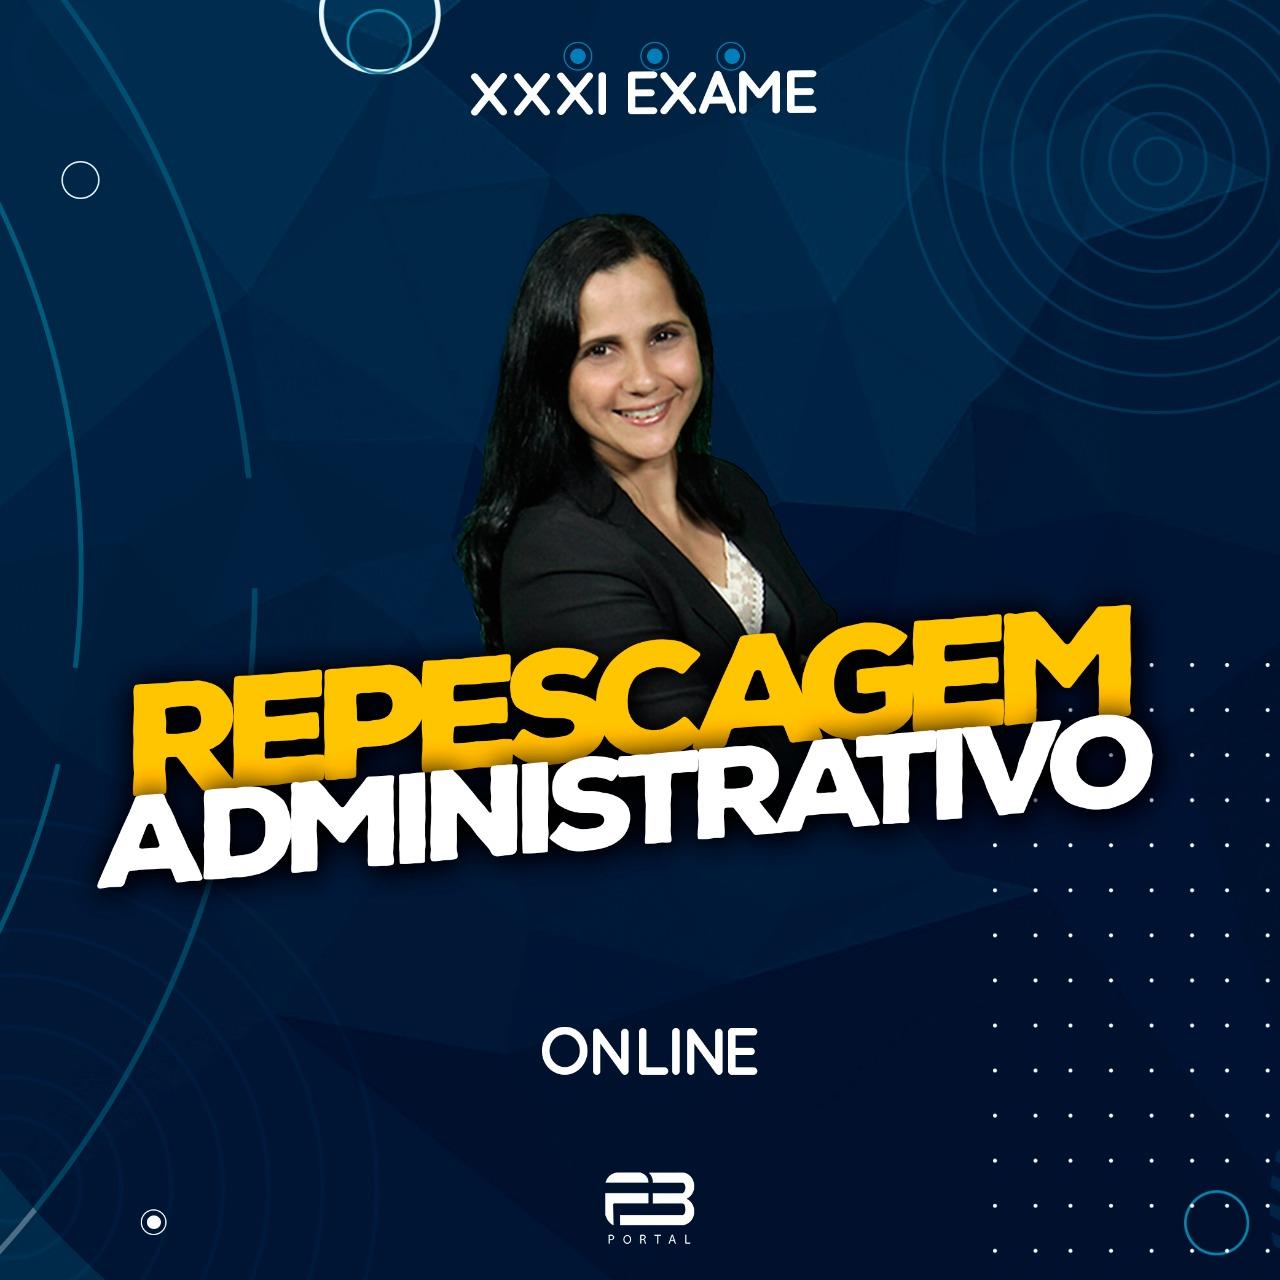 2ª FASE REPESCAGEM ADMIISTRATIVO - XXXI EXAME ONLINE